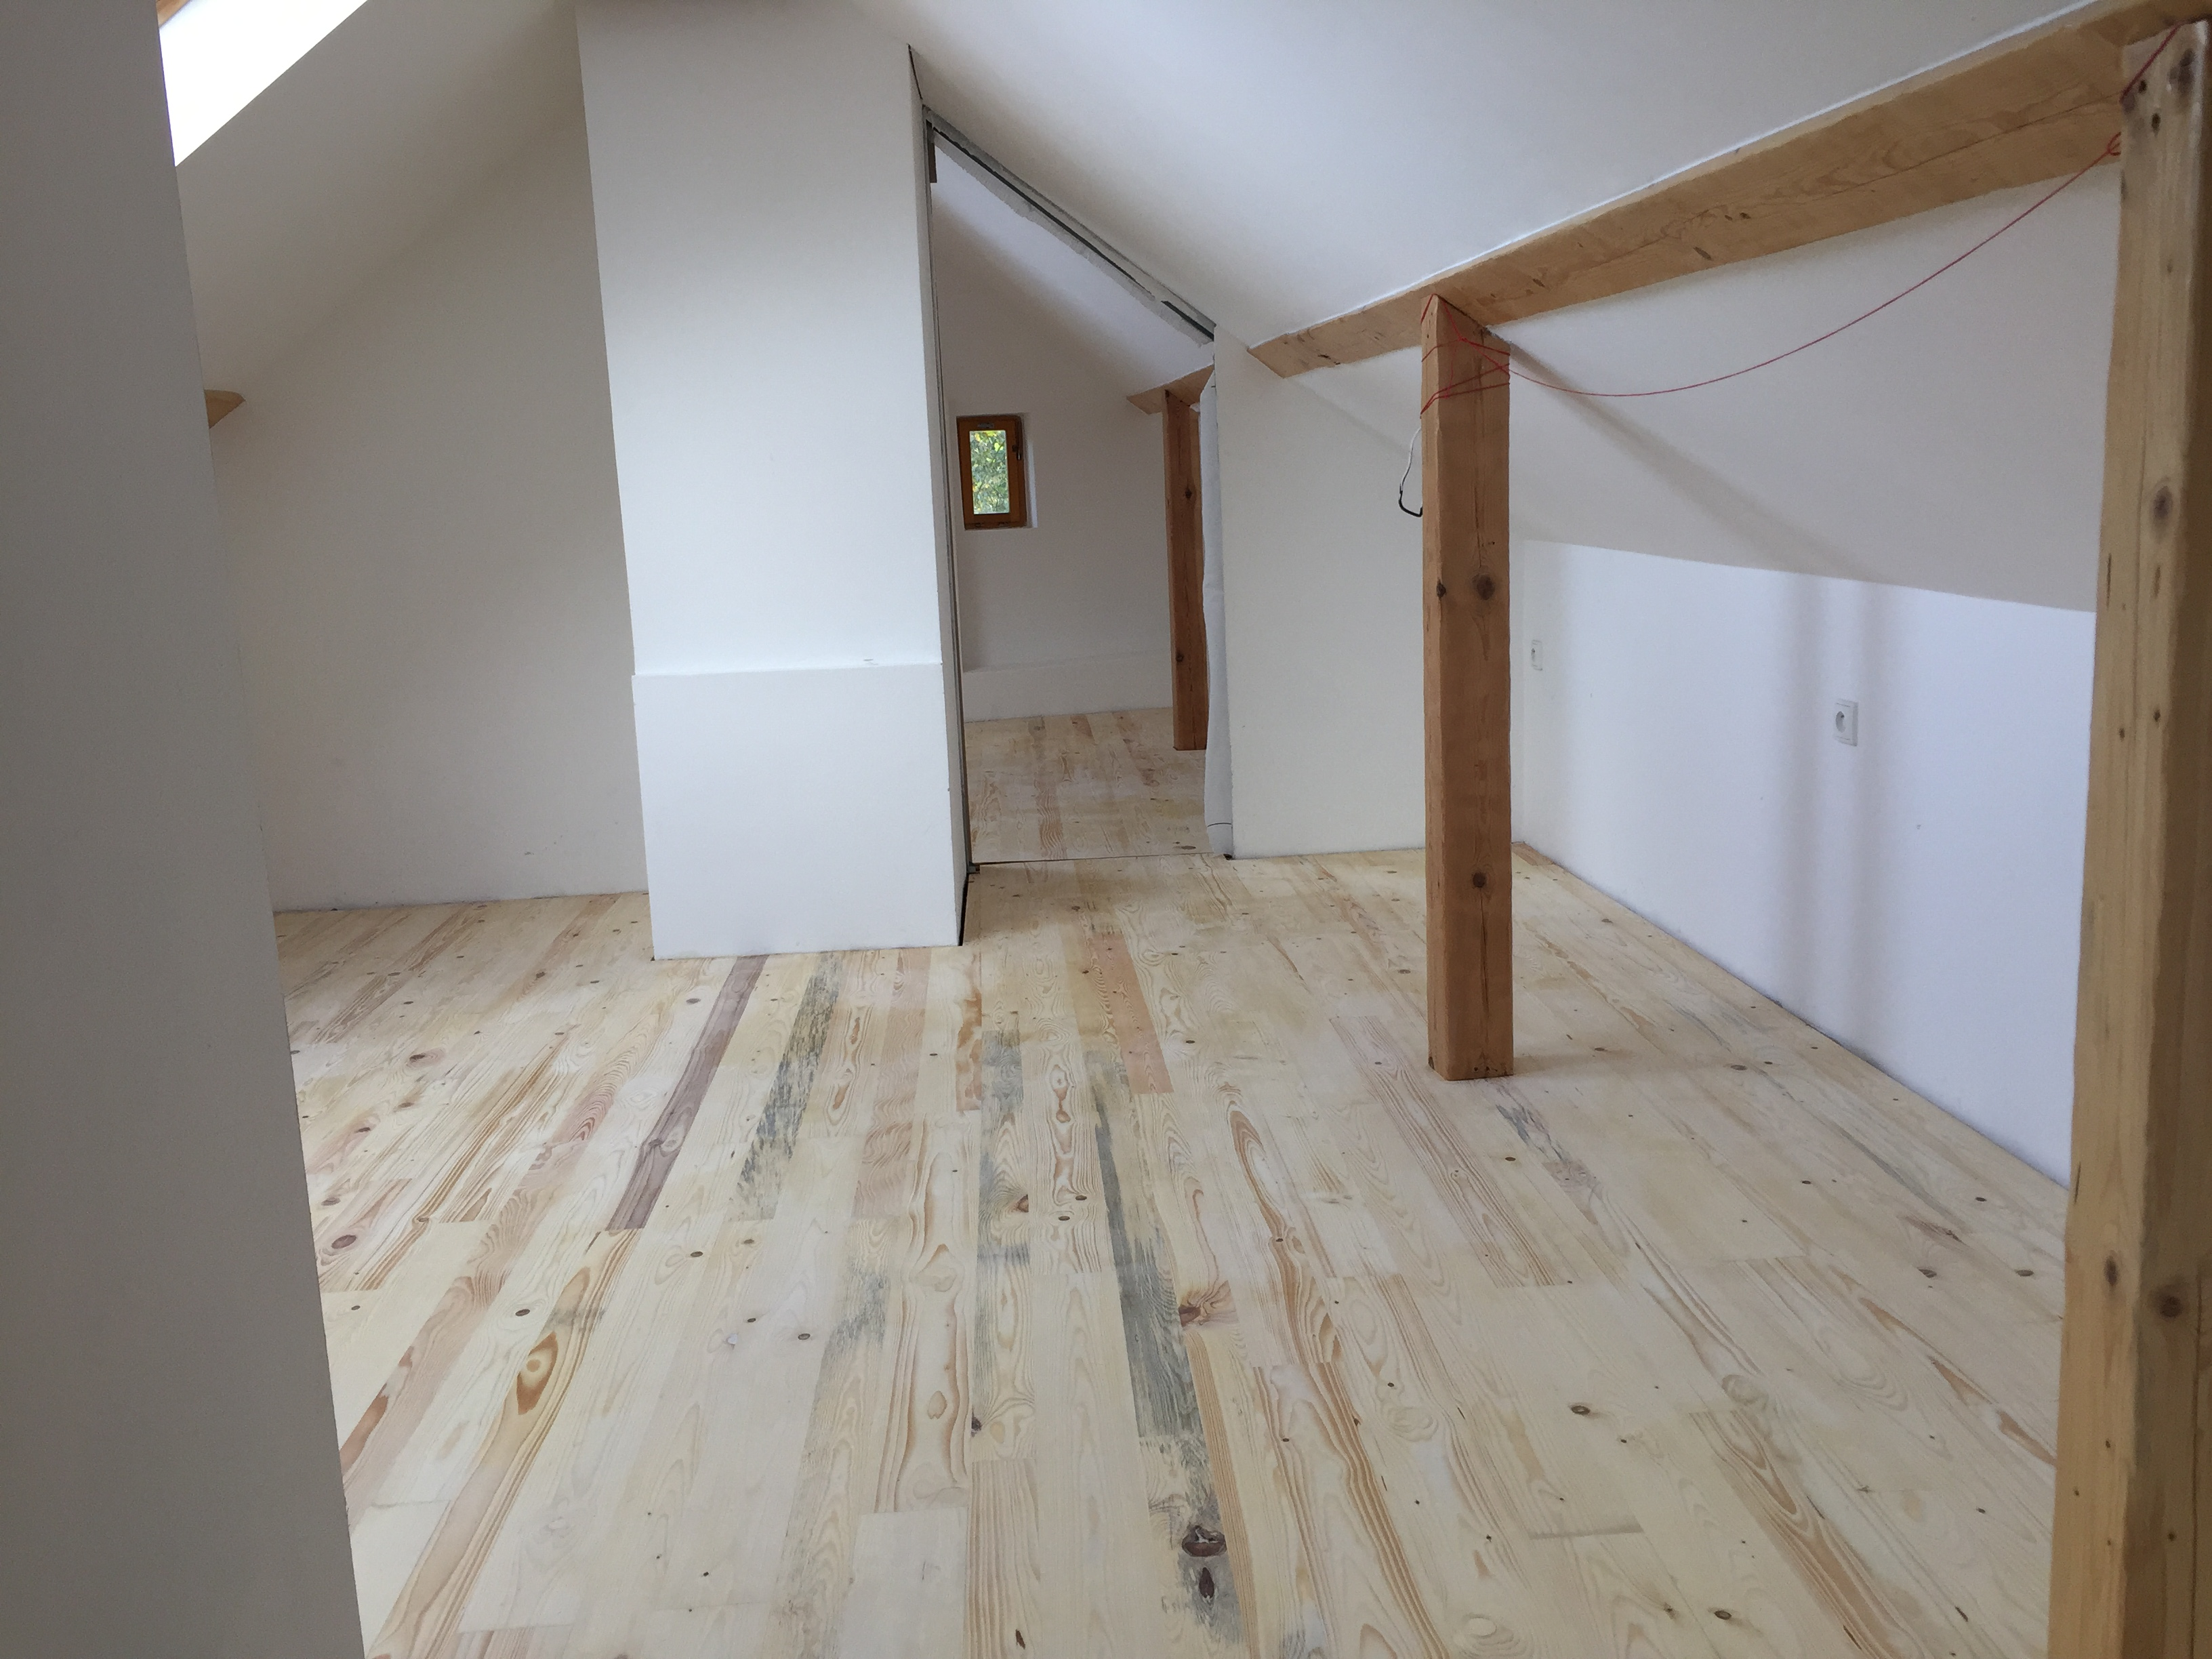 Smrková podlaha Havlíckův Brod